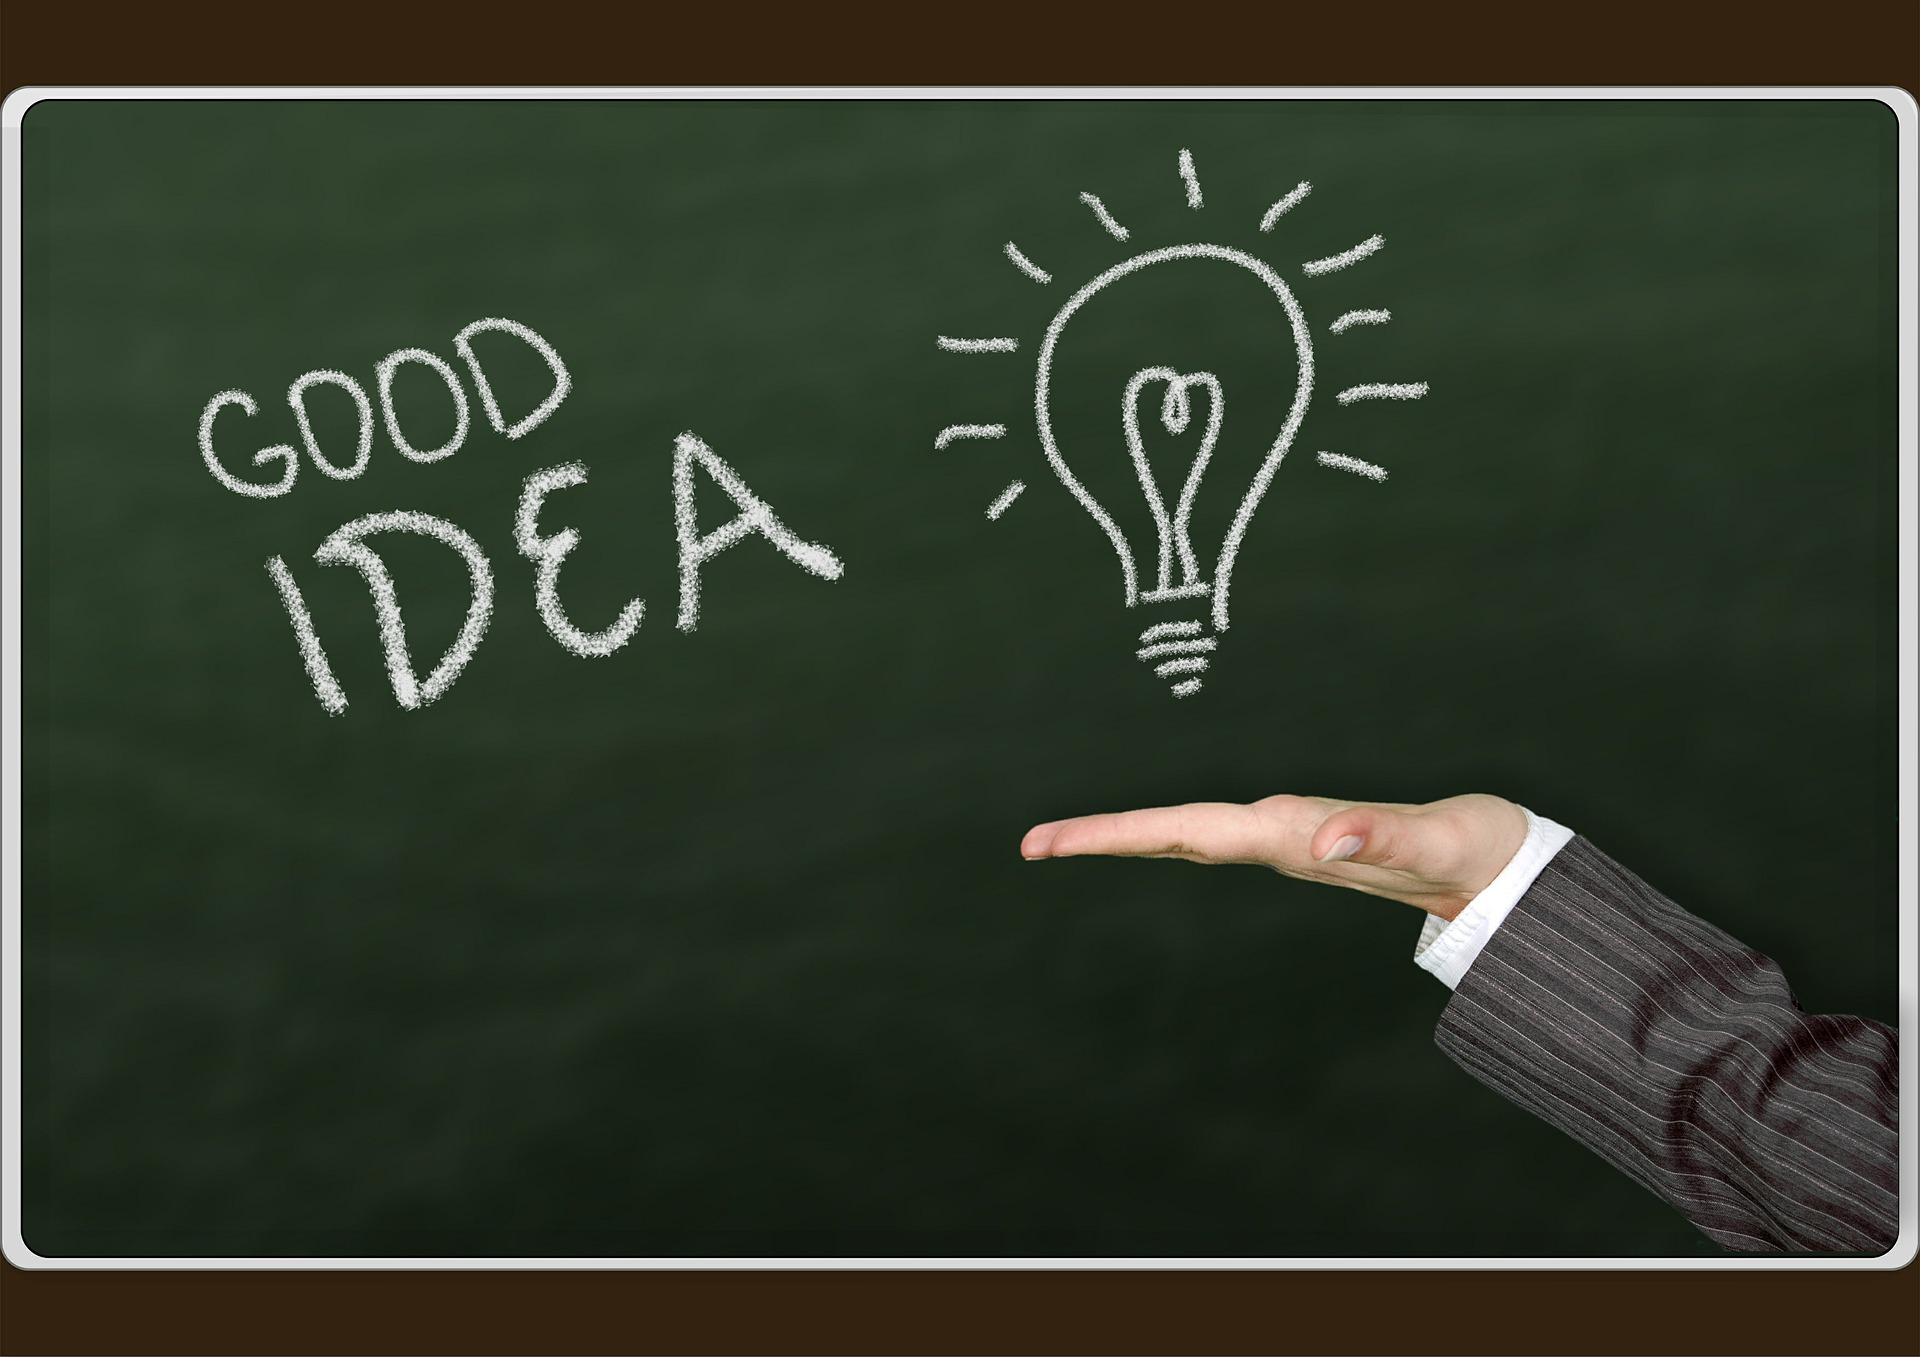 視点の転換でアイデアを生み出す方法!オズボーンのチェックリスト